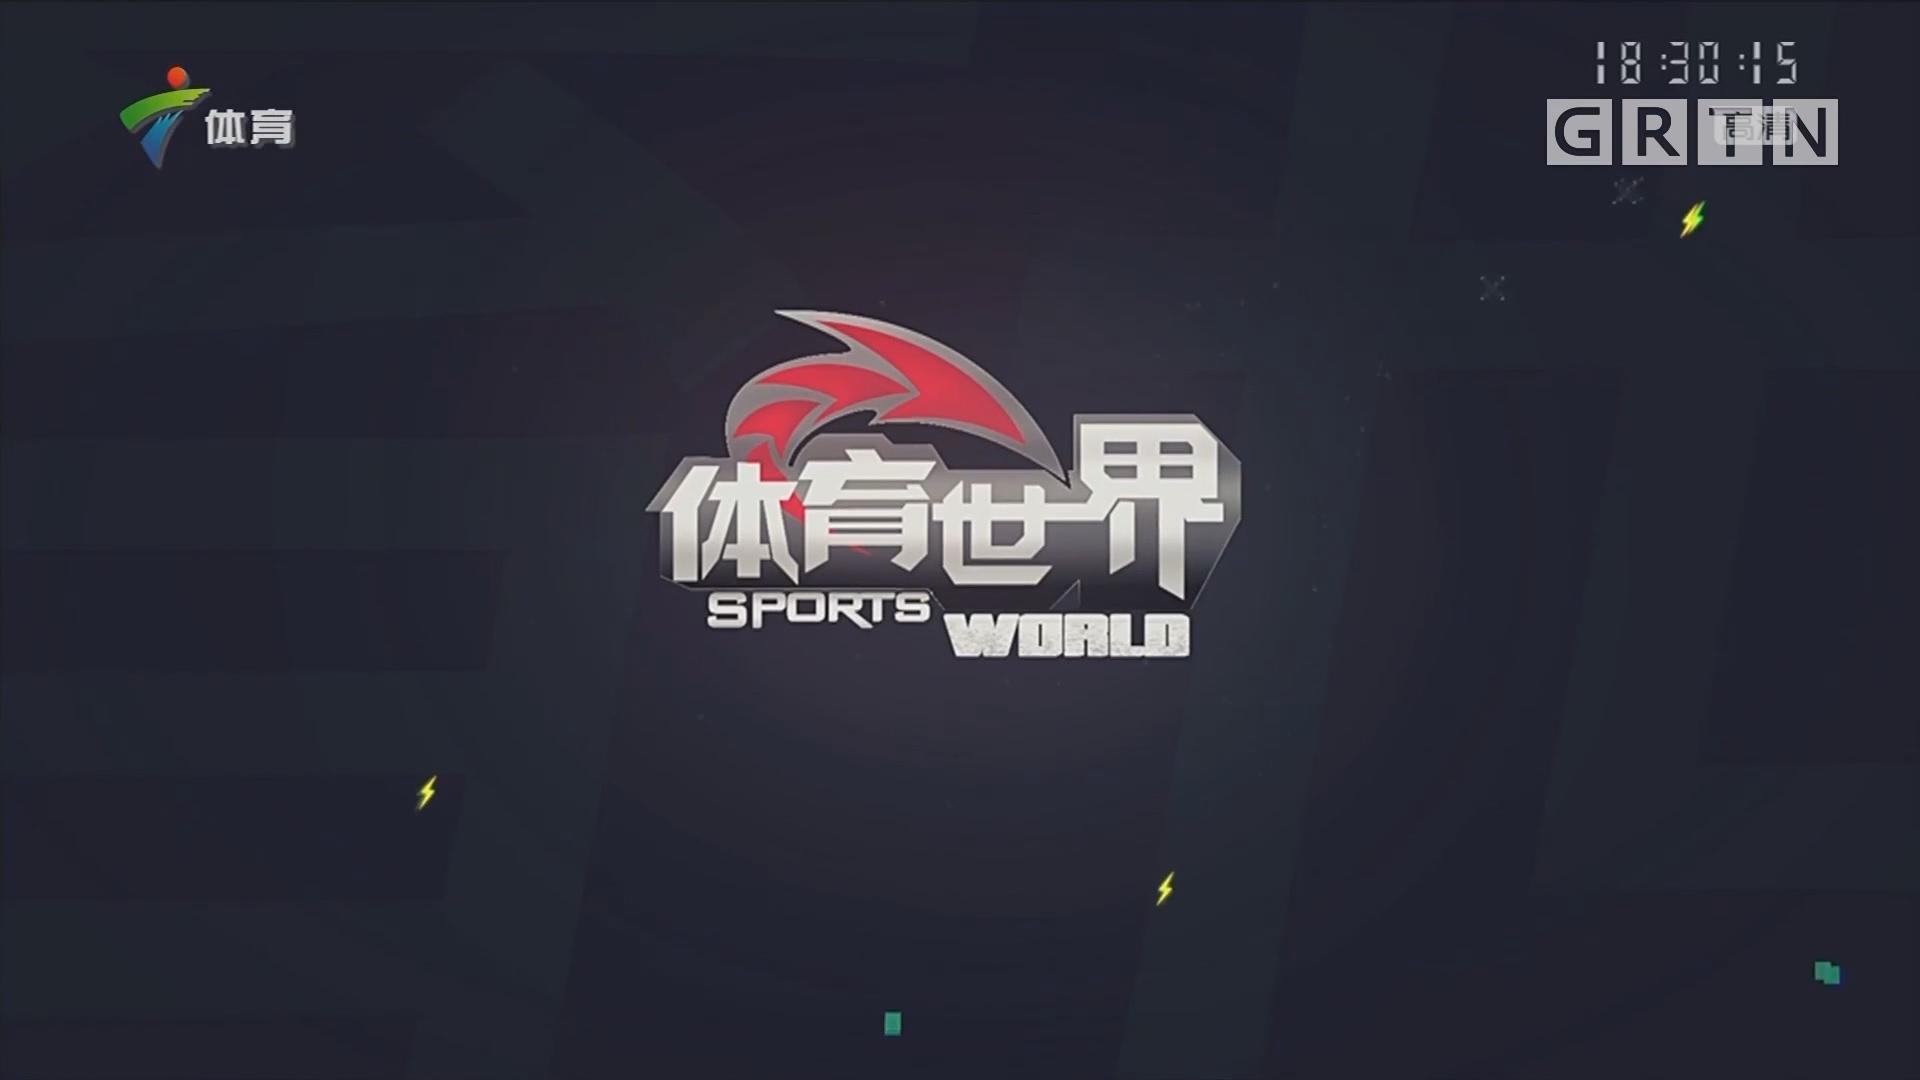 [HD][2019-04-13]体育世界:美国大师赛第二轮五人领先 伍兹表现出色